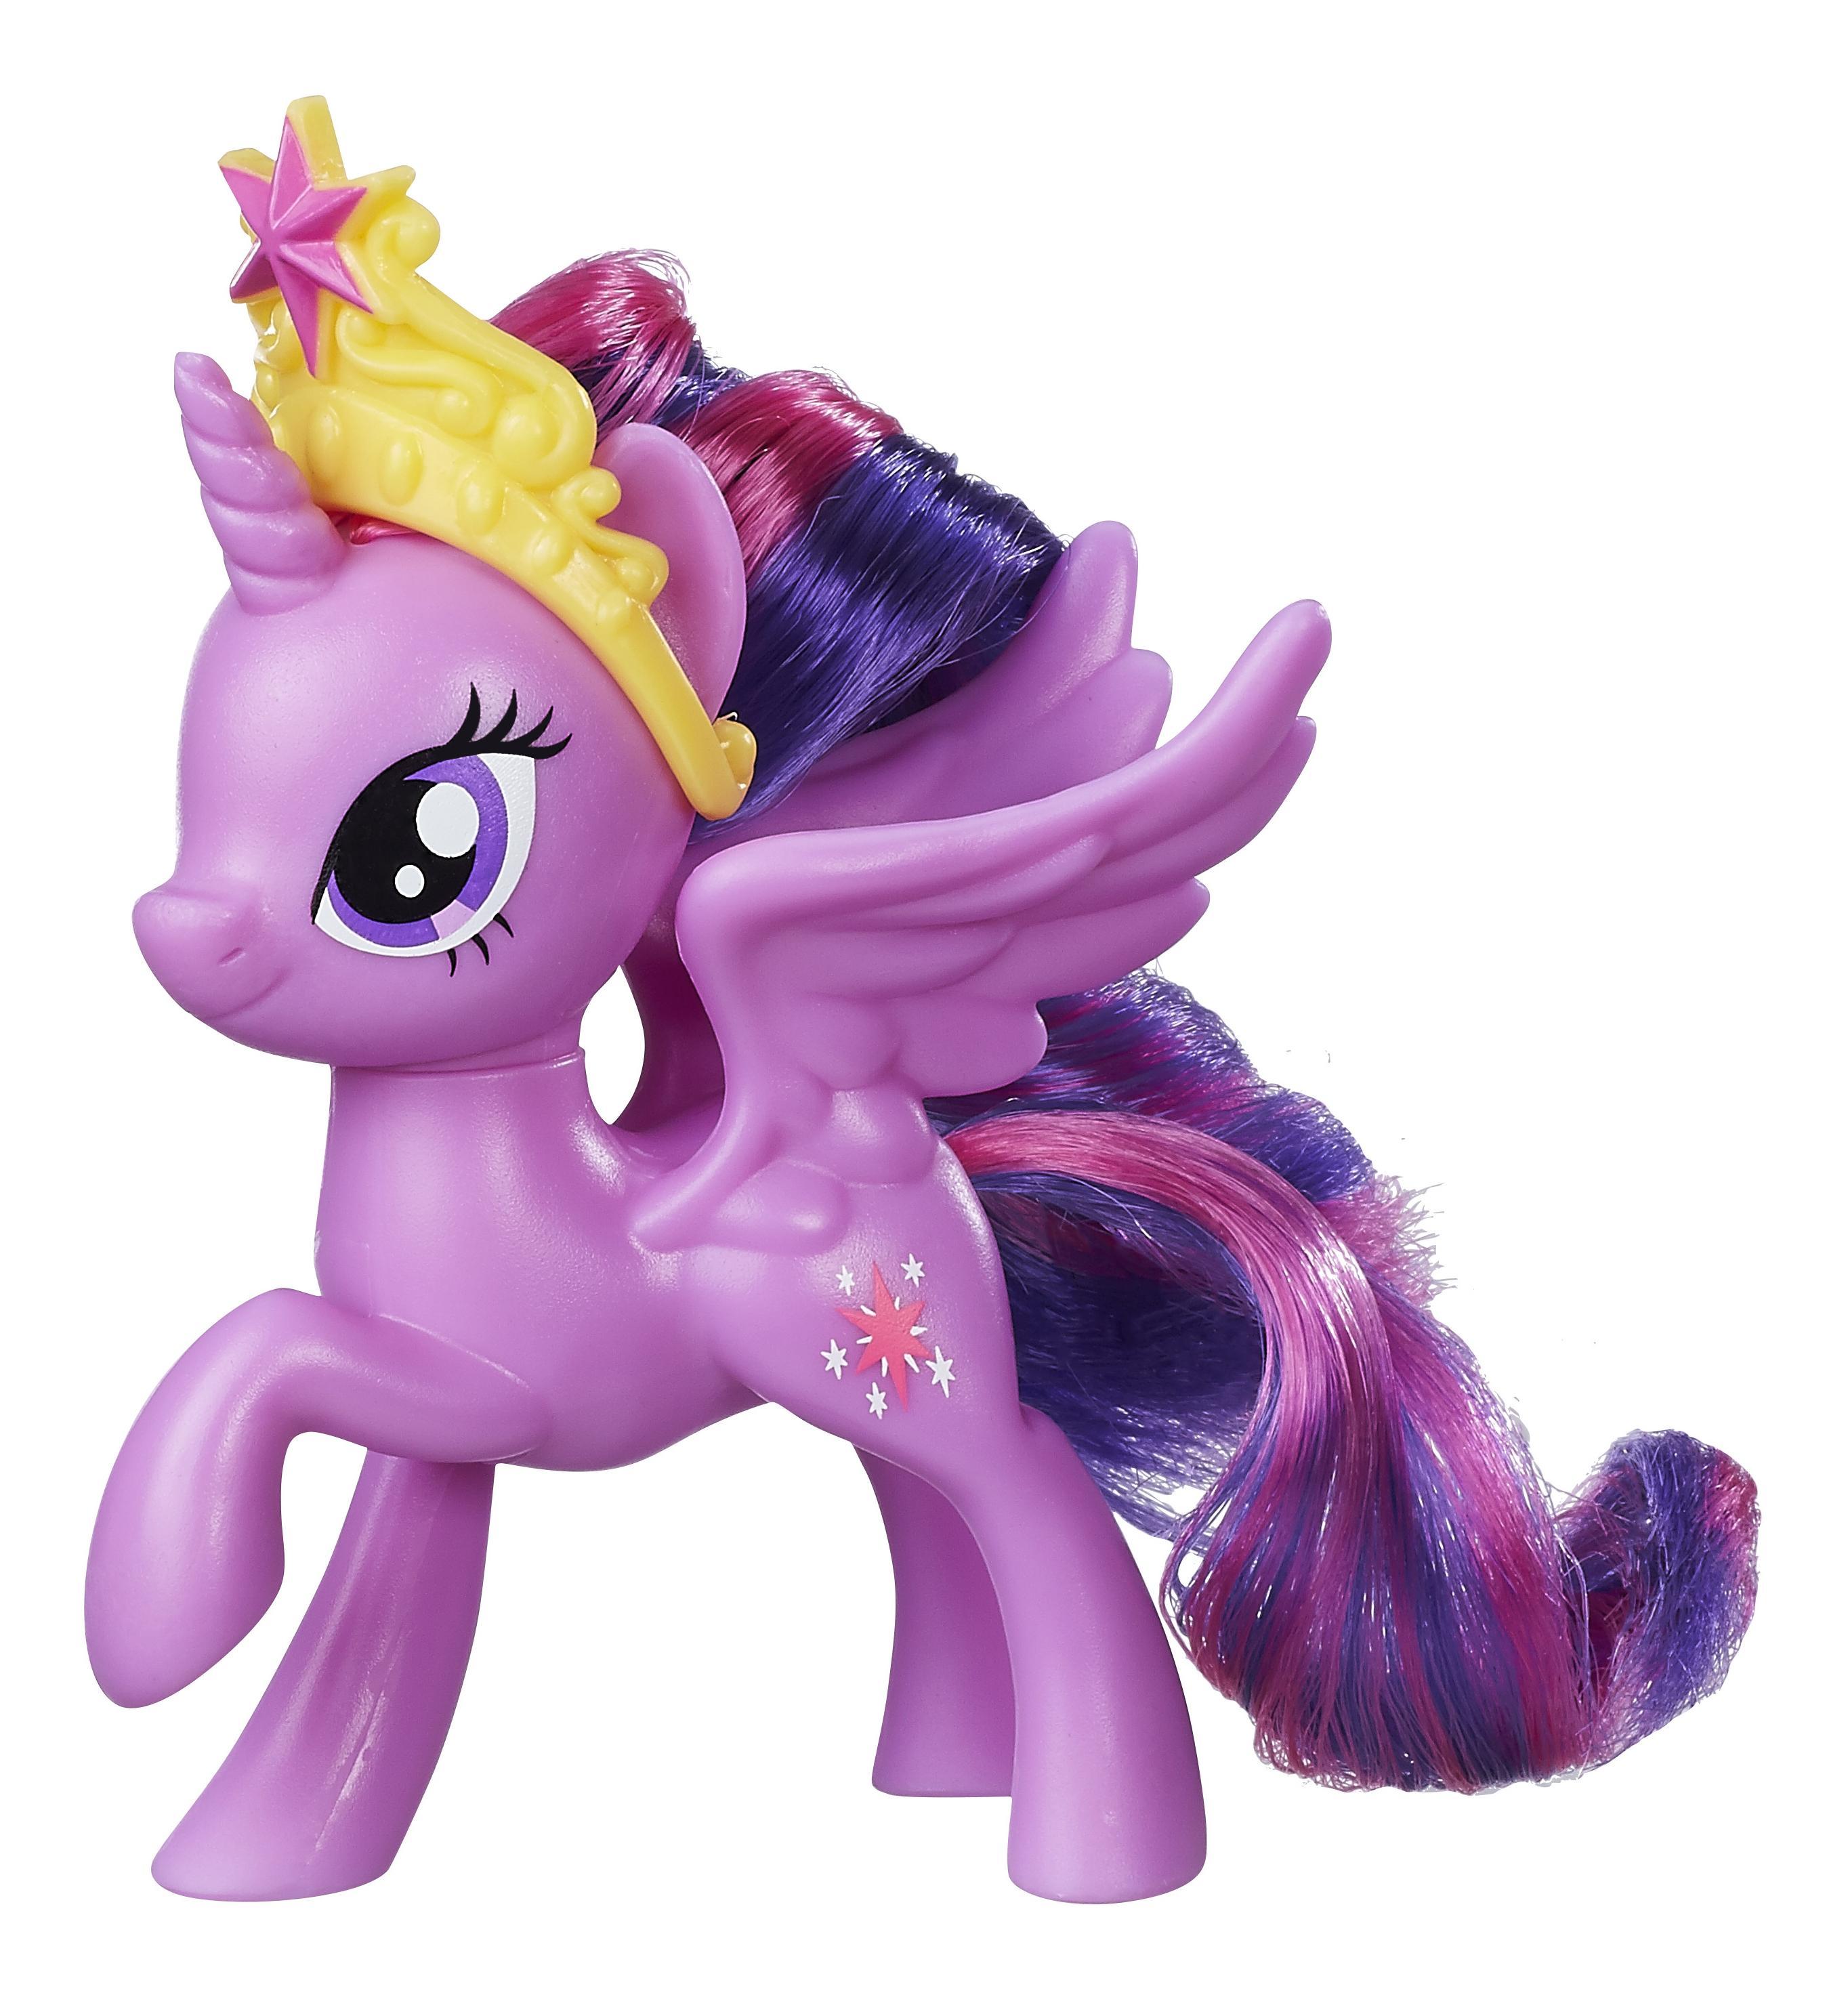 Купить Пони-подружки, Mlp пони-подружки b8924 b9625, My little Pony, Игровые фигурки